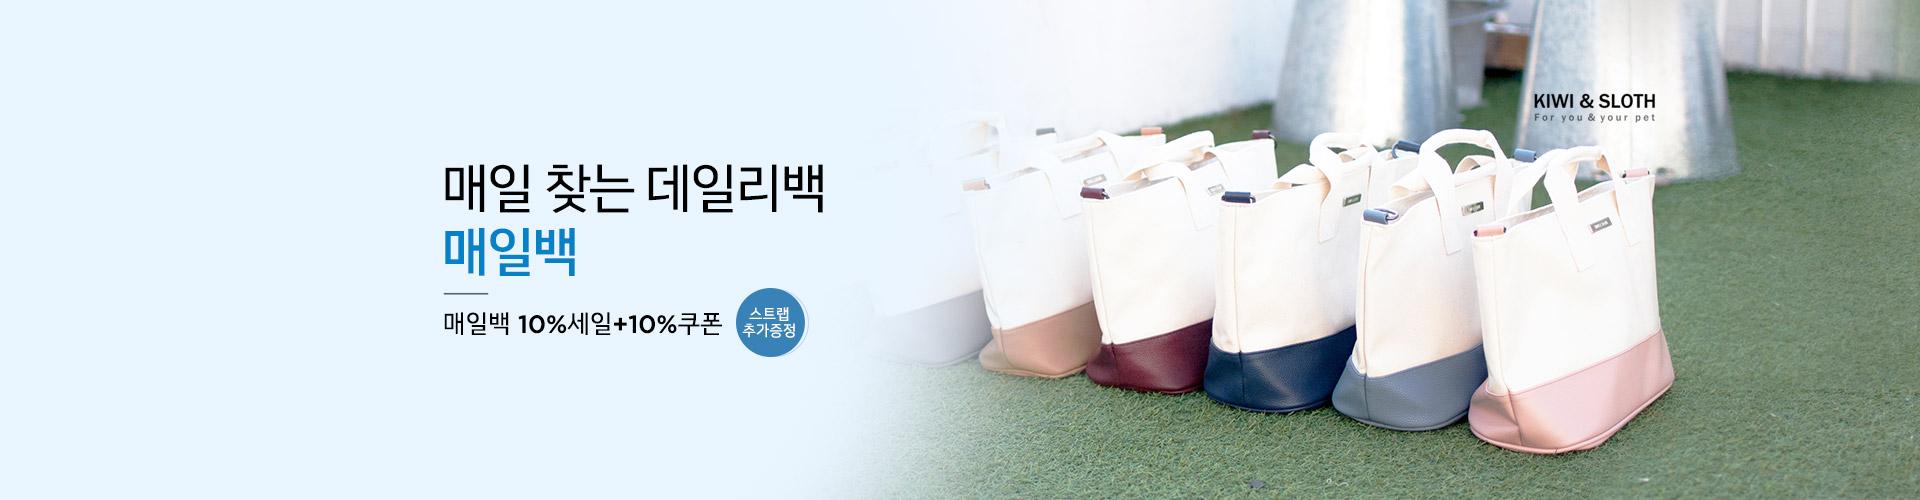 [기획전] 키위앤슬로스3